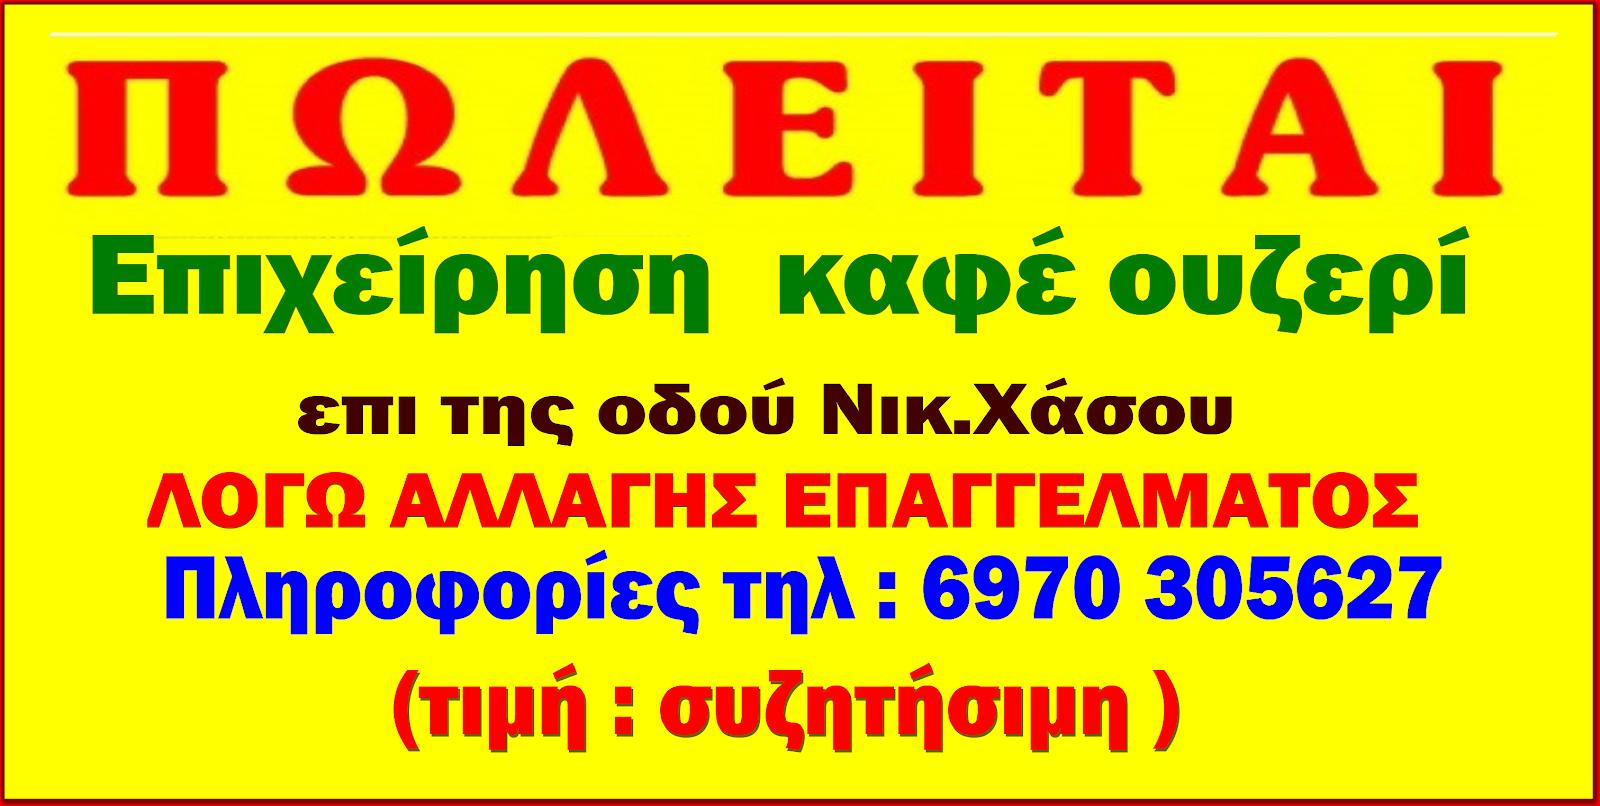 ΠΩΛΕΙΤΑΙ Επιχείρηση Καφέ Ουζερί